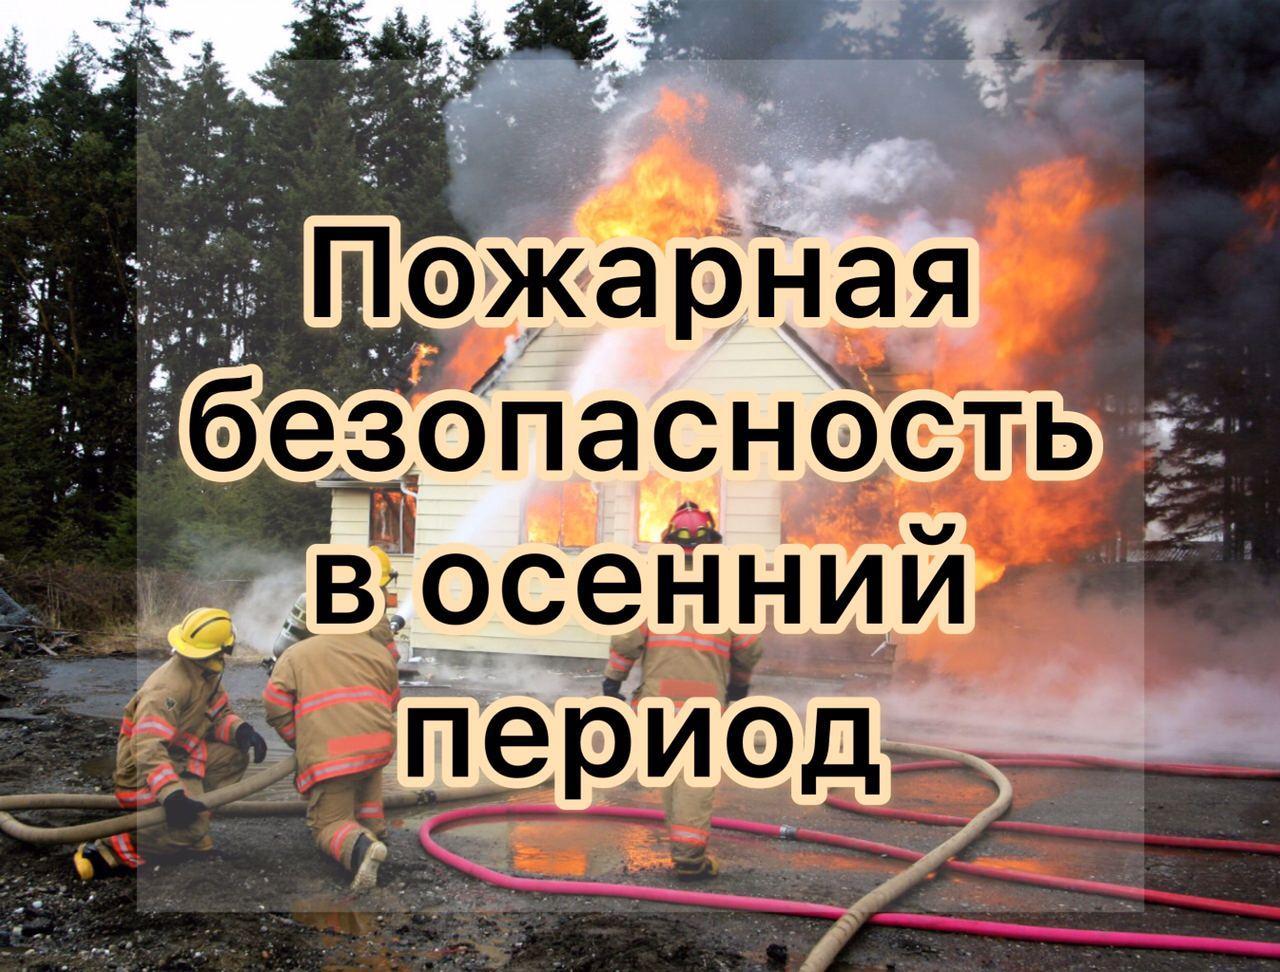 Пожарная безопасность в осенний период